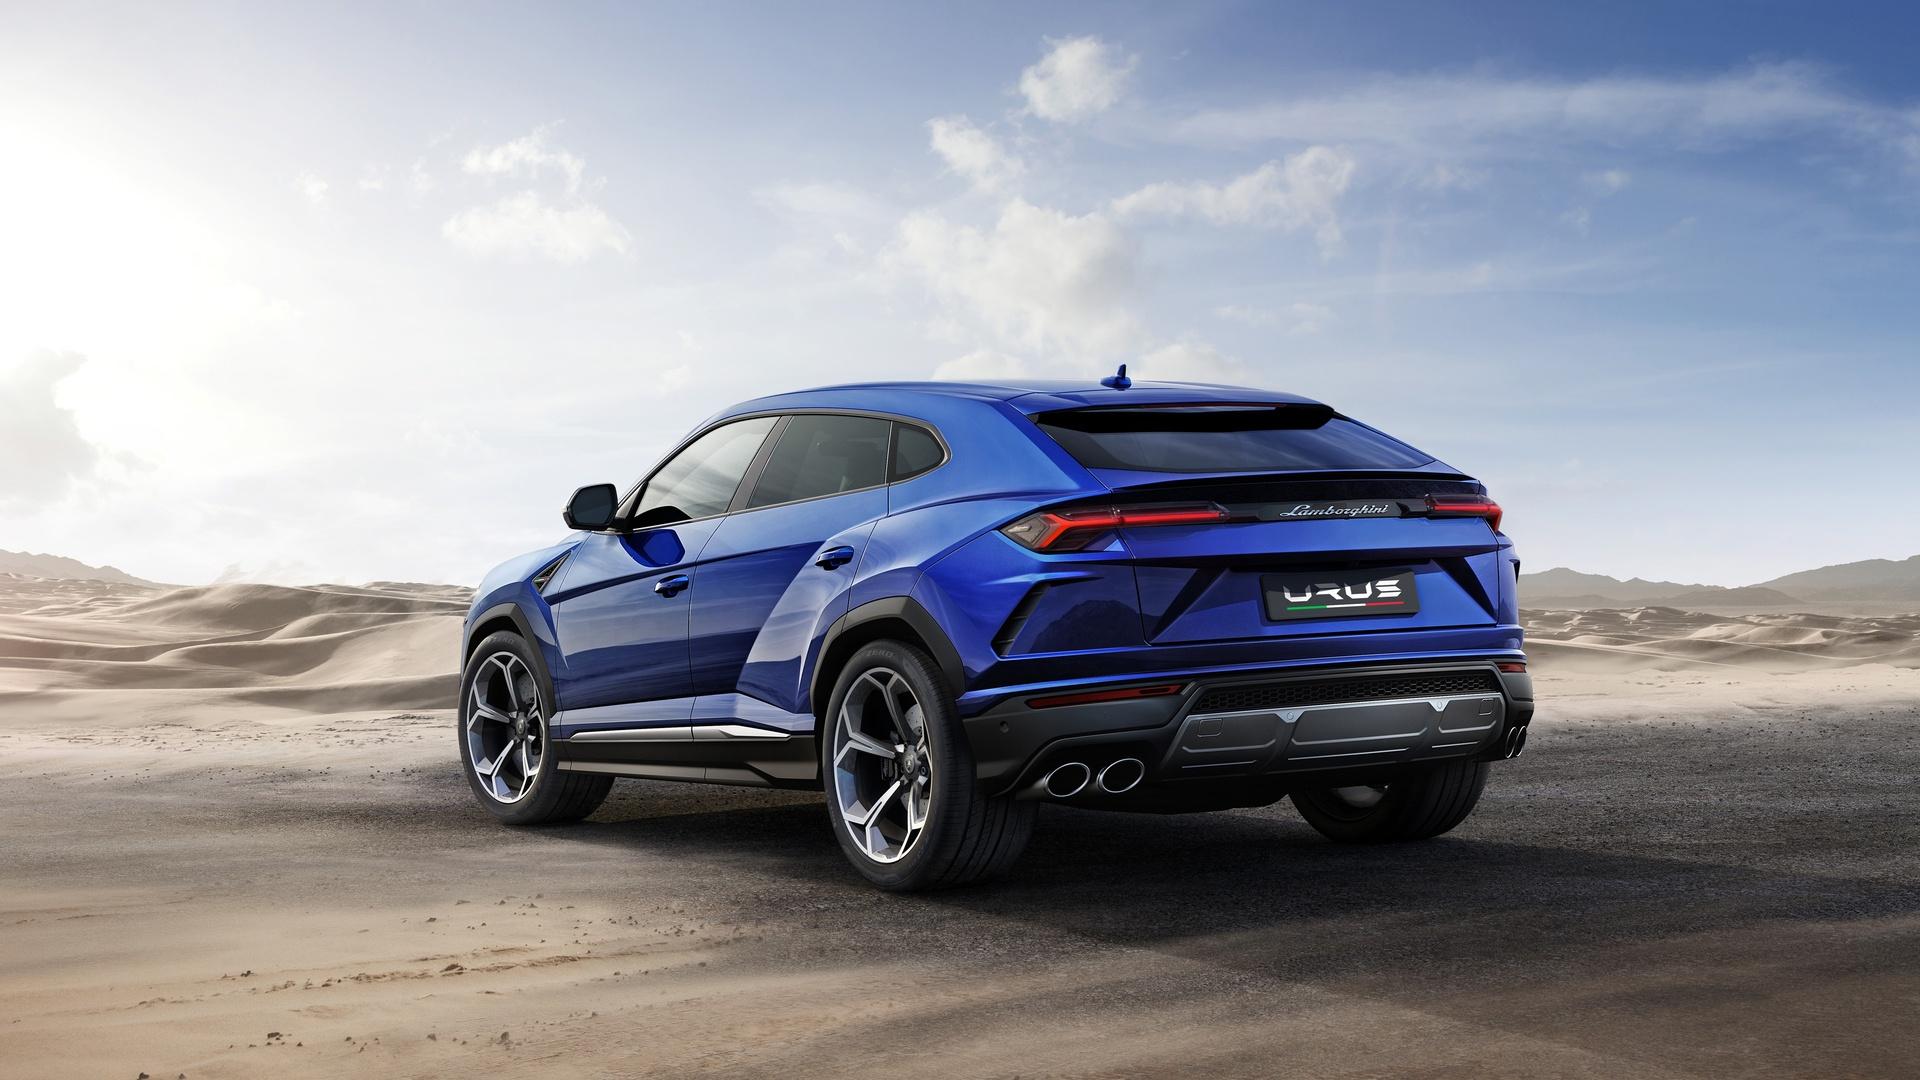 1920x1080 Lamborghini Urus Blue Color 4k Laptop Full Hd 1080p Hd 4k